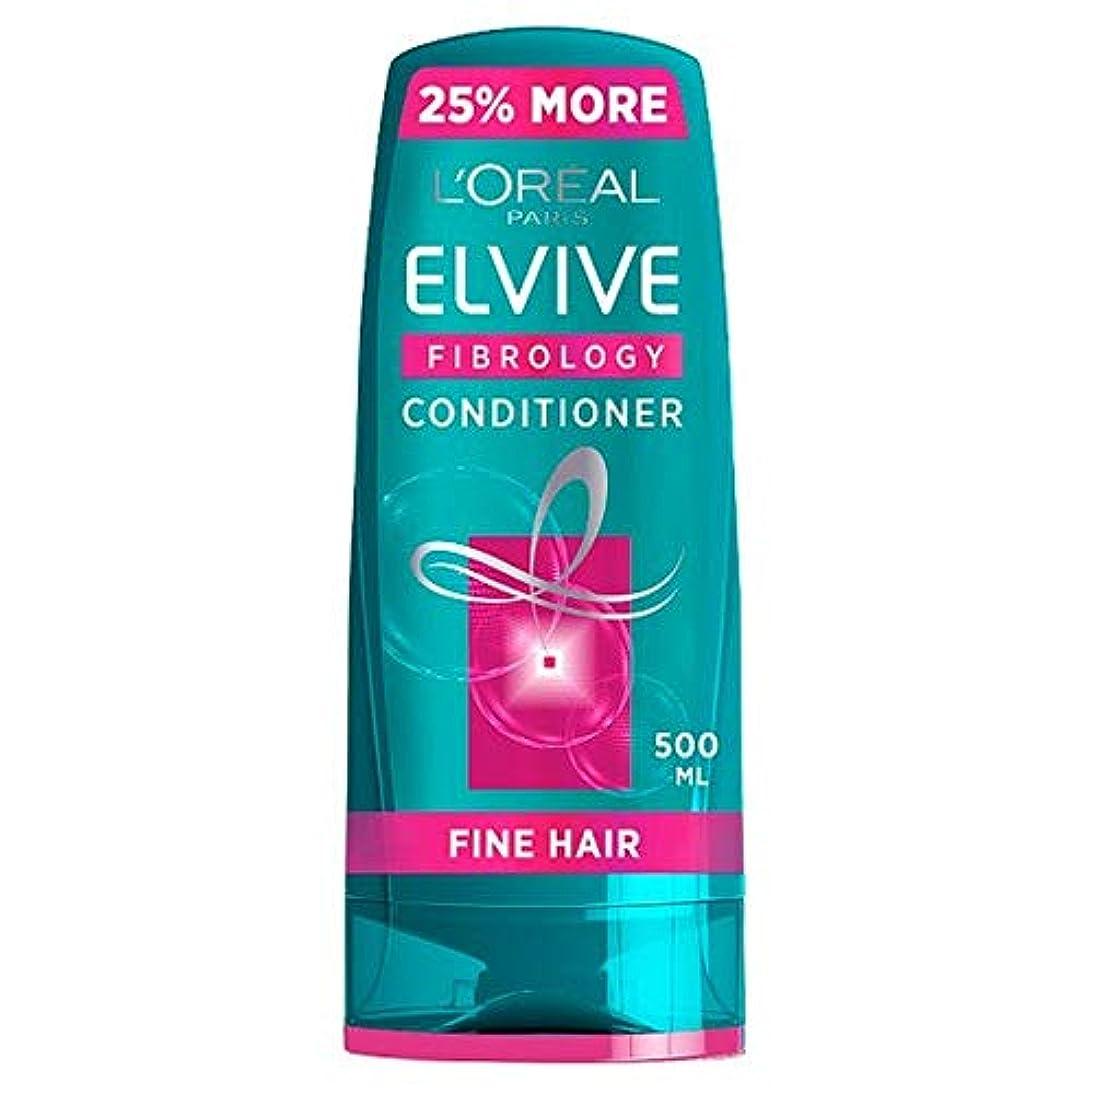 風が強い暫定小道具[Elvive] ロレアルElvive Fibroligy細いヘアコンディショナー500ミリリットル - L'oreal Elvive Fibroligy Fine Hair Conditioner 500Ml [並行輸入品]